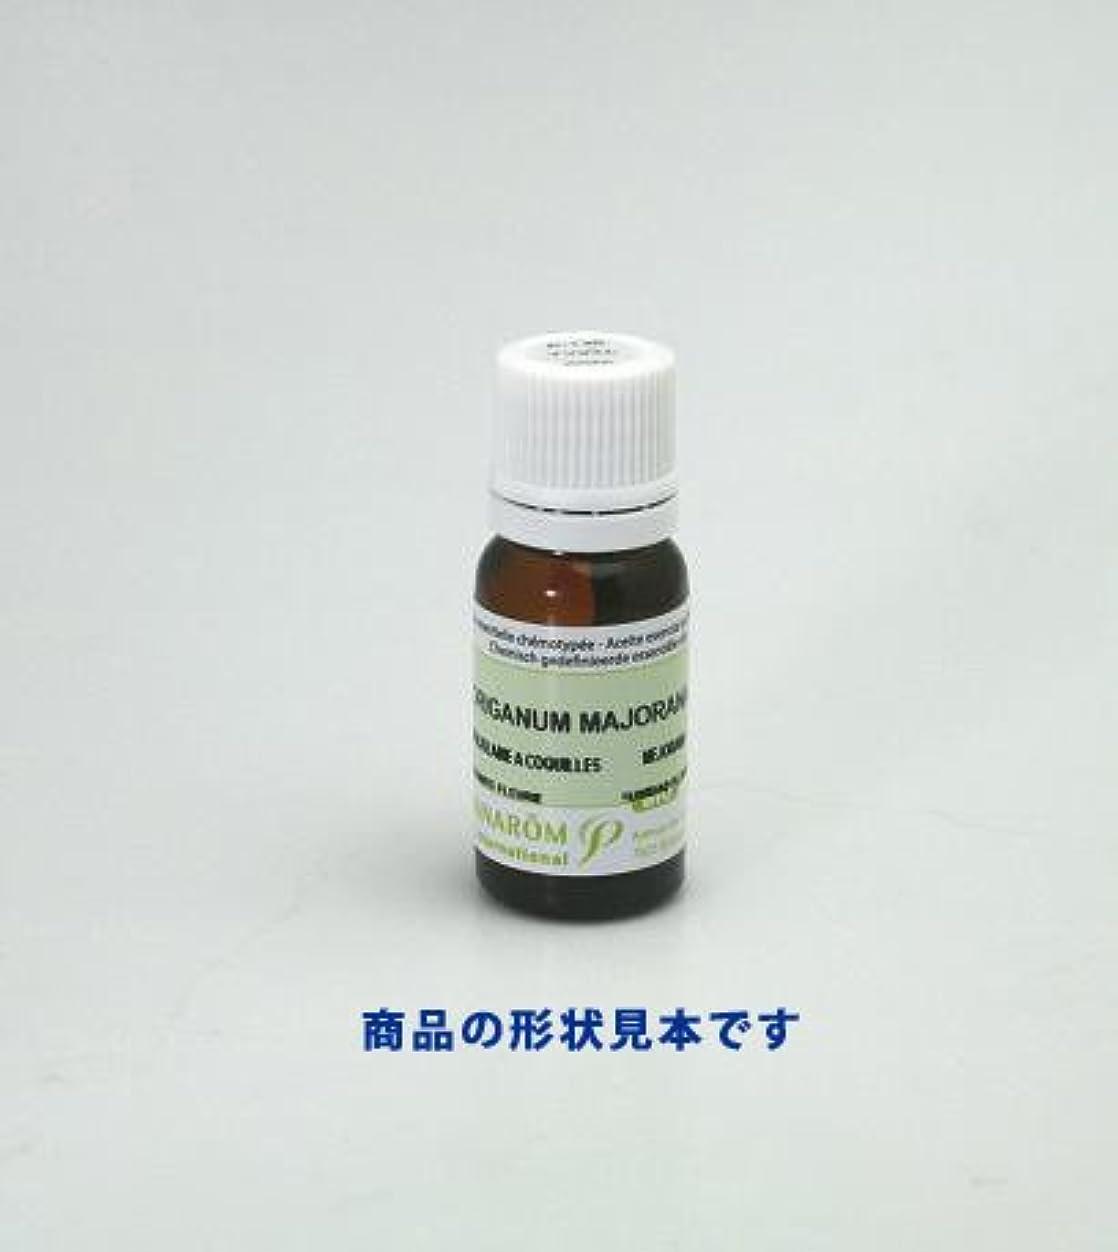 セッティング抵抗する子豚プラナロム社製精油:P-048 ミルラ